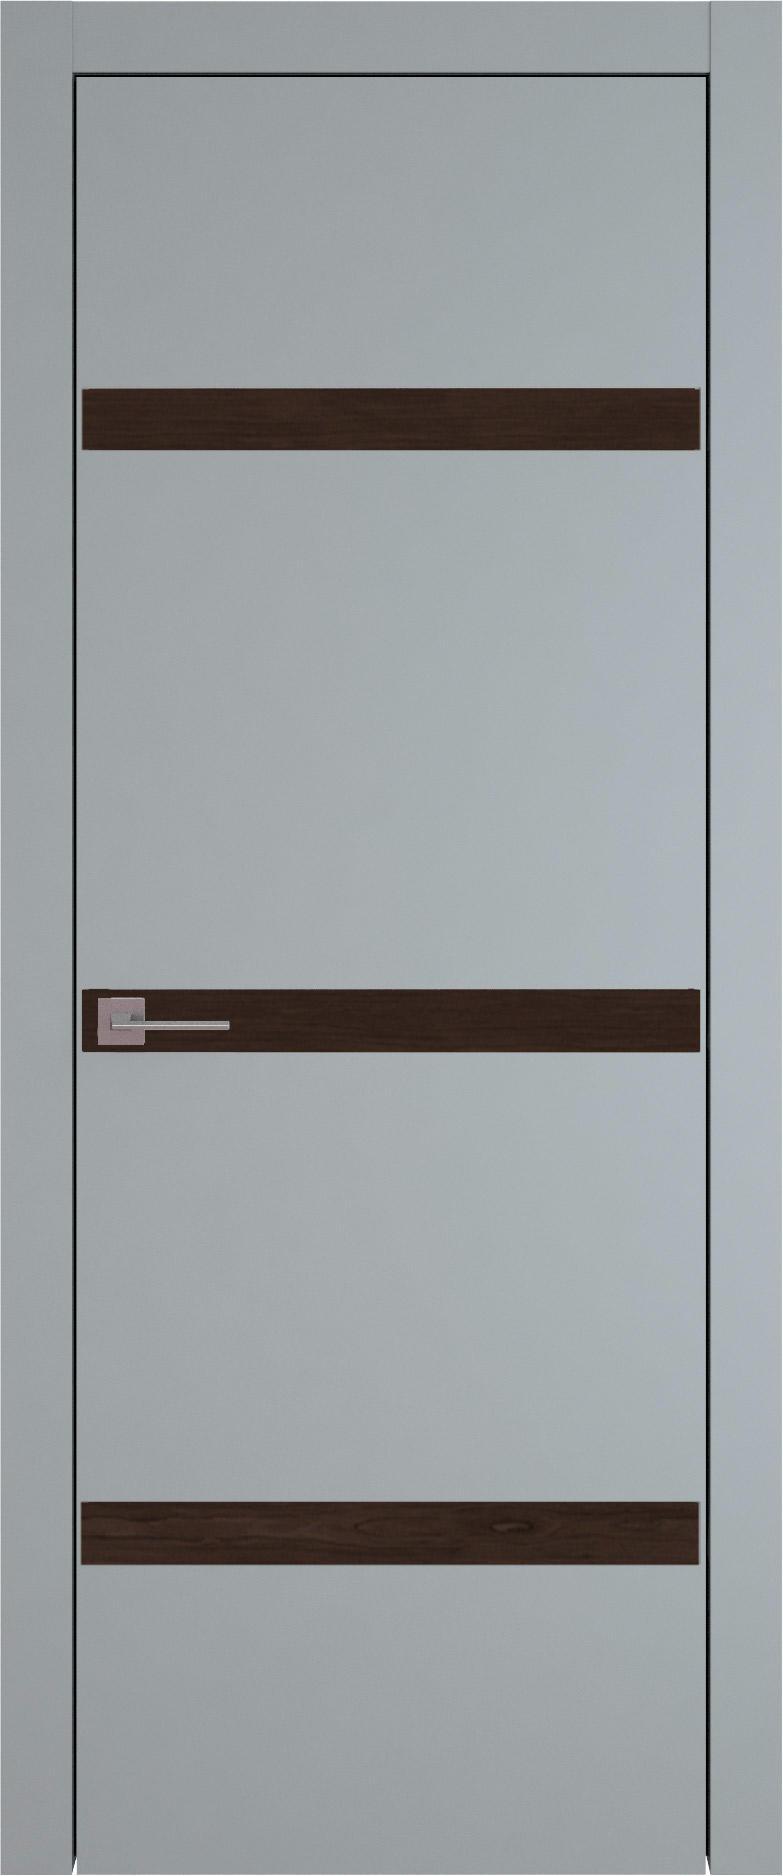 Tivoli Г-4 цвет - Серебристо-серая эмаль (RAL 7045) Без стекла (ДГ)